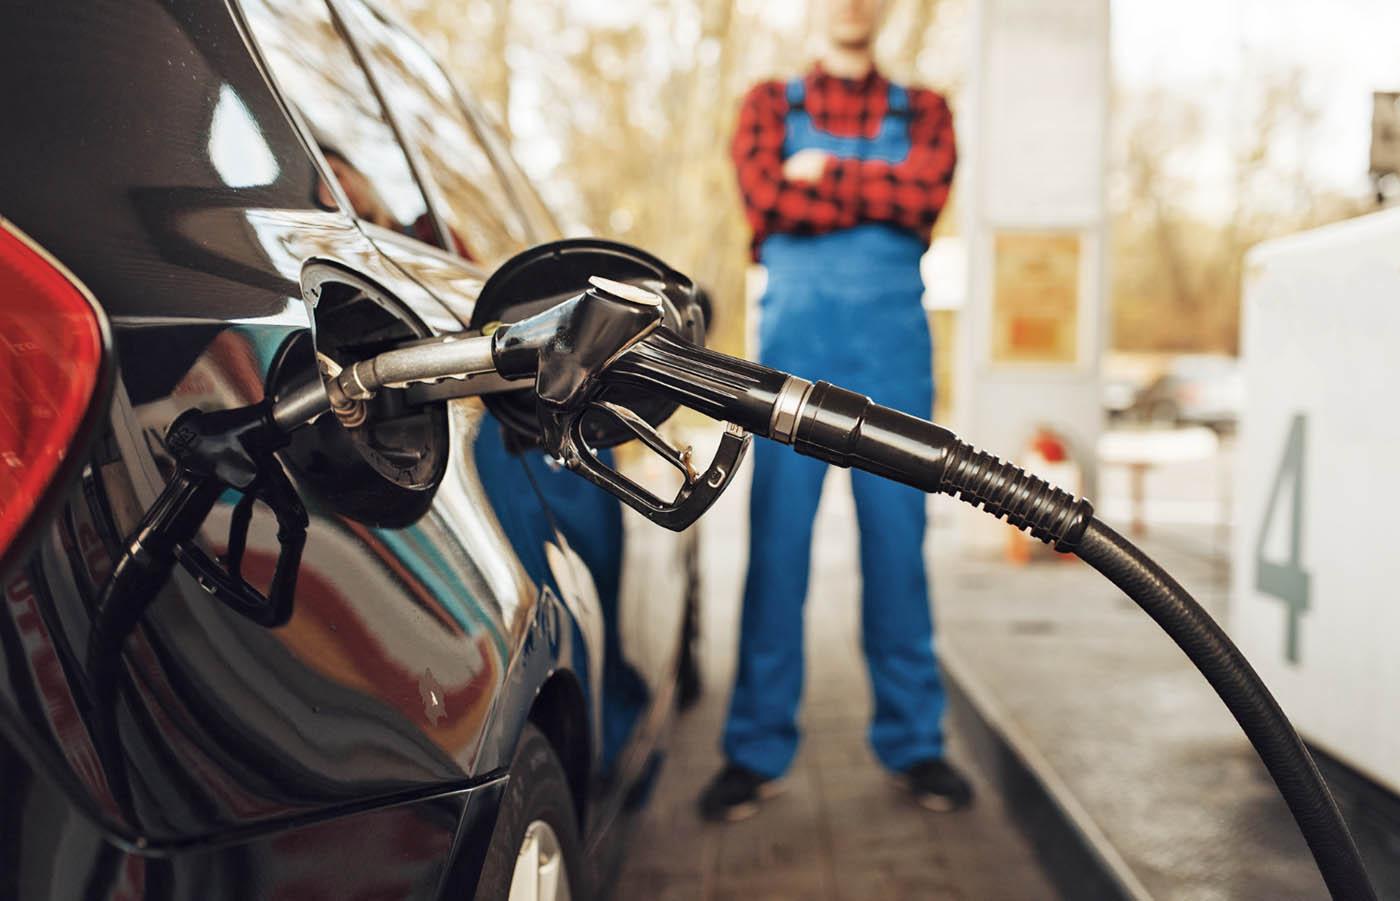 Informacje karta paliwowa